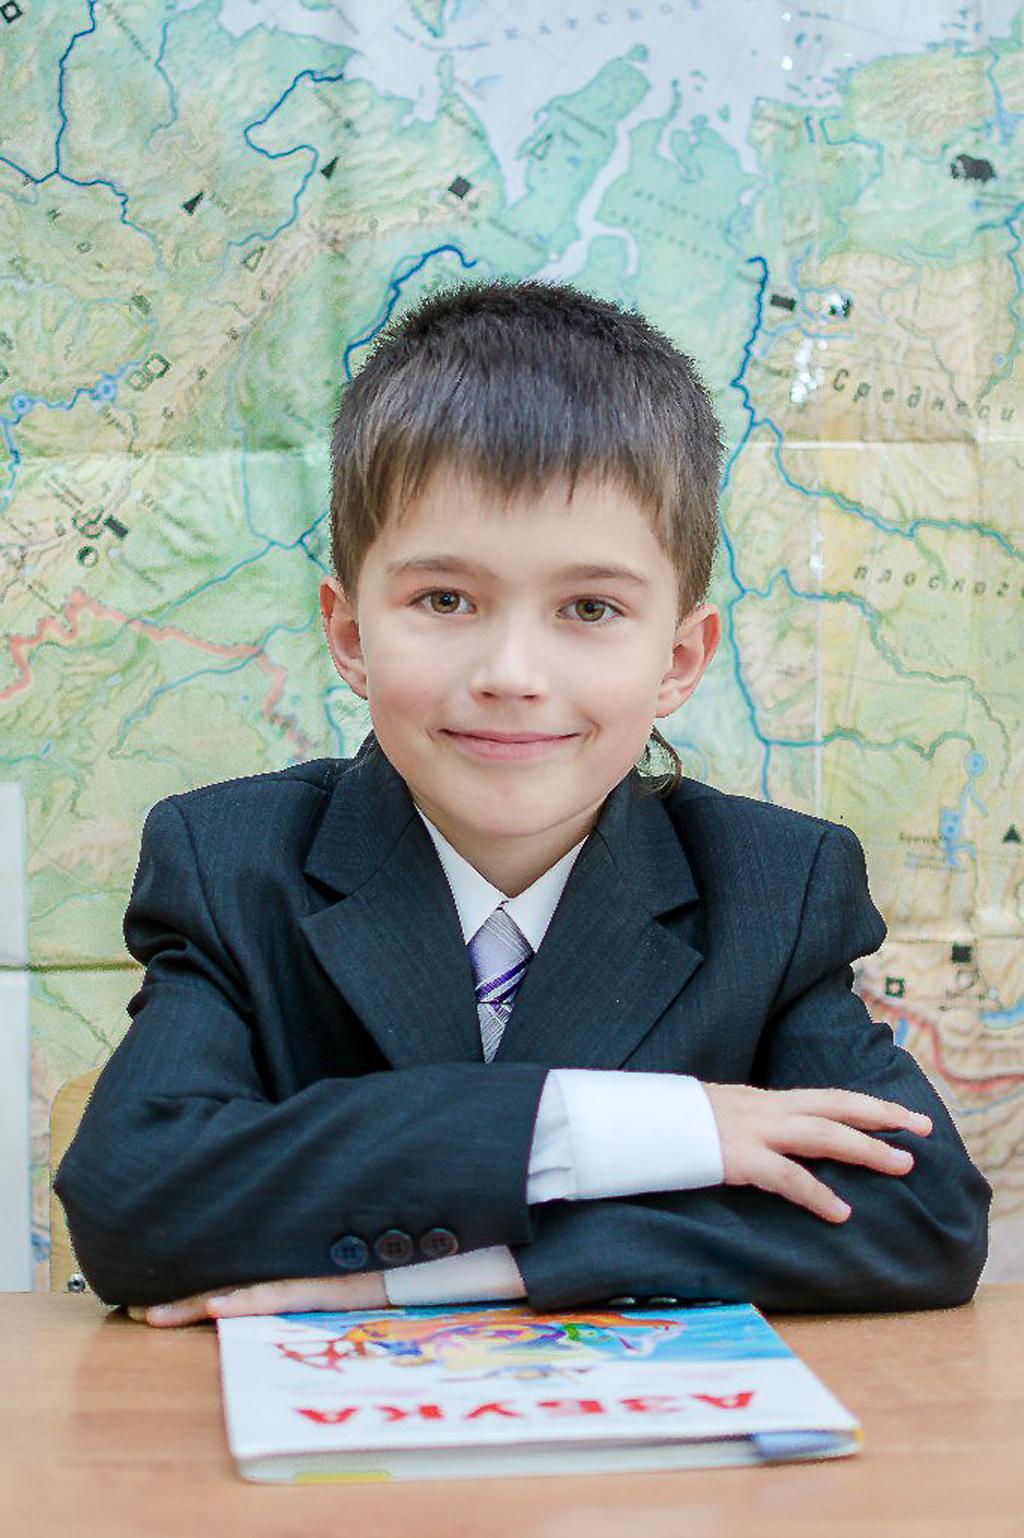 036_Andrey_Mitrofanov